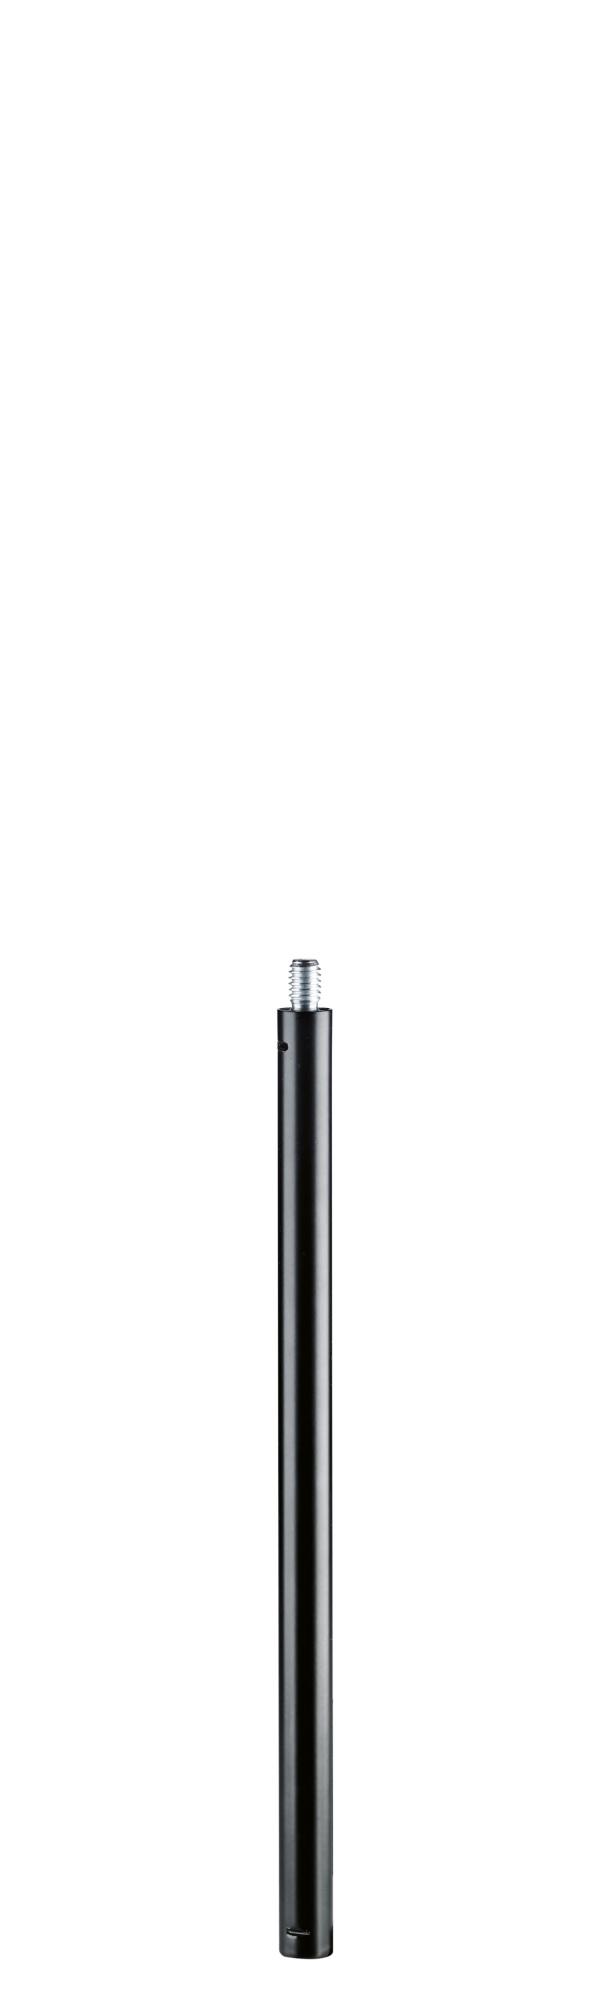 Verlängerungsrohr für Mikrofonstative